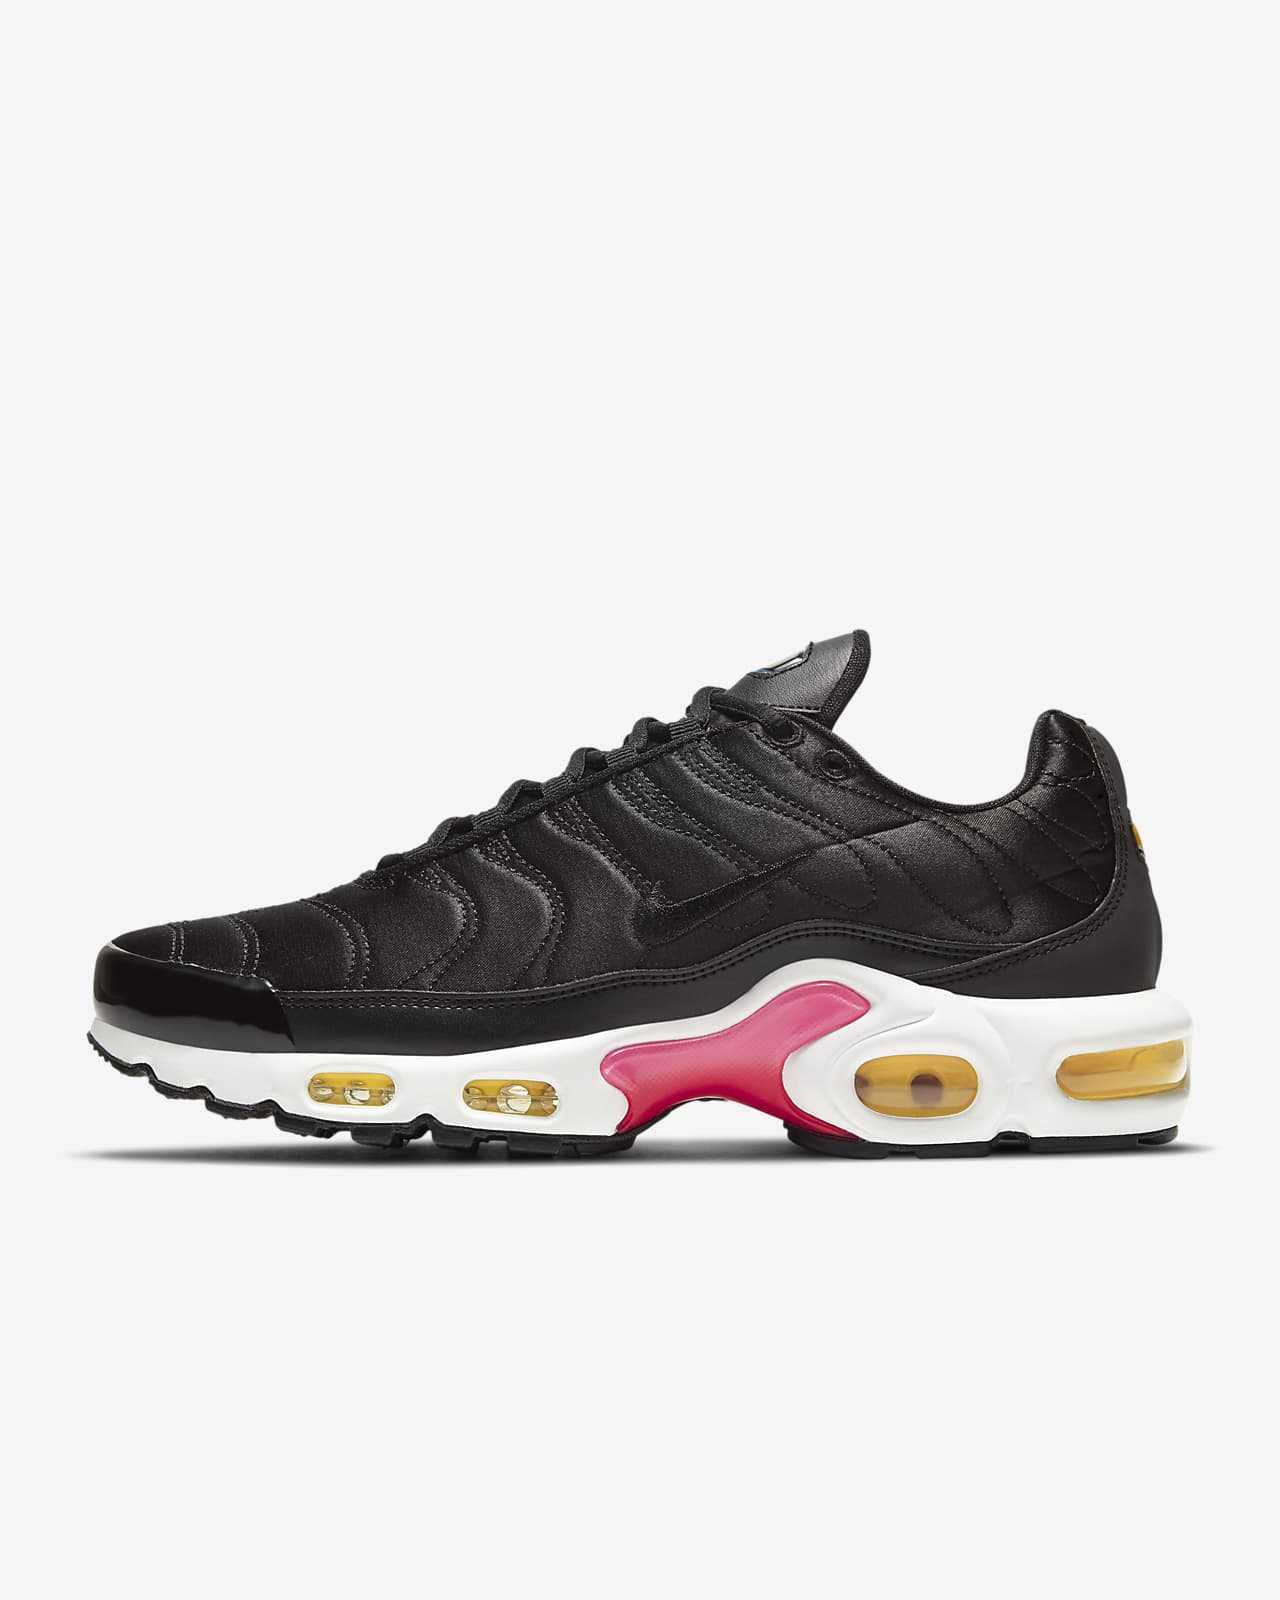 nike air max femme chaussures